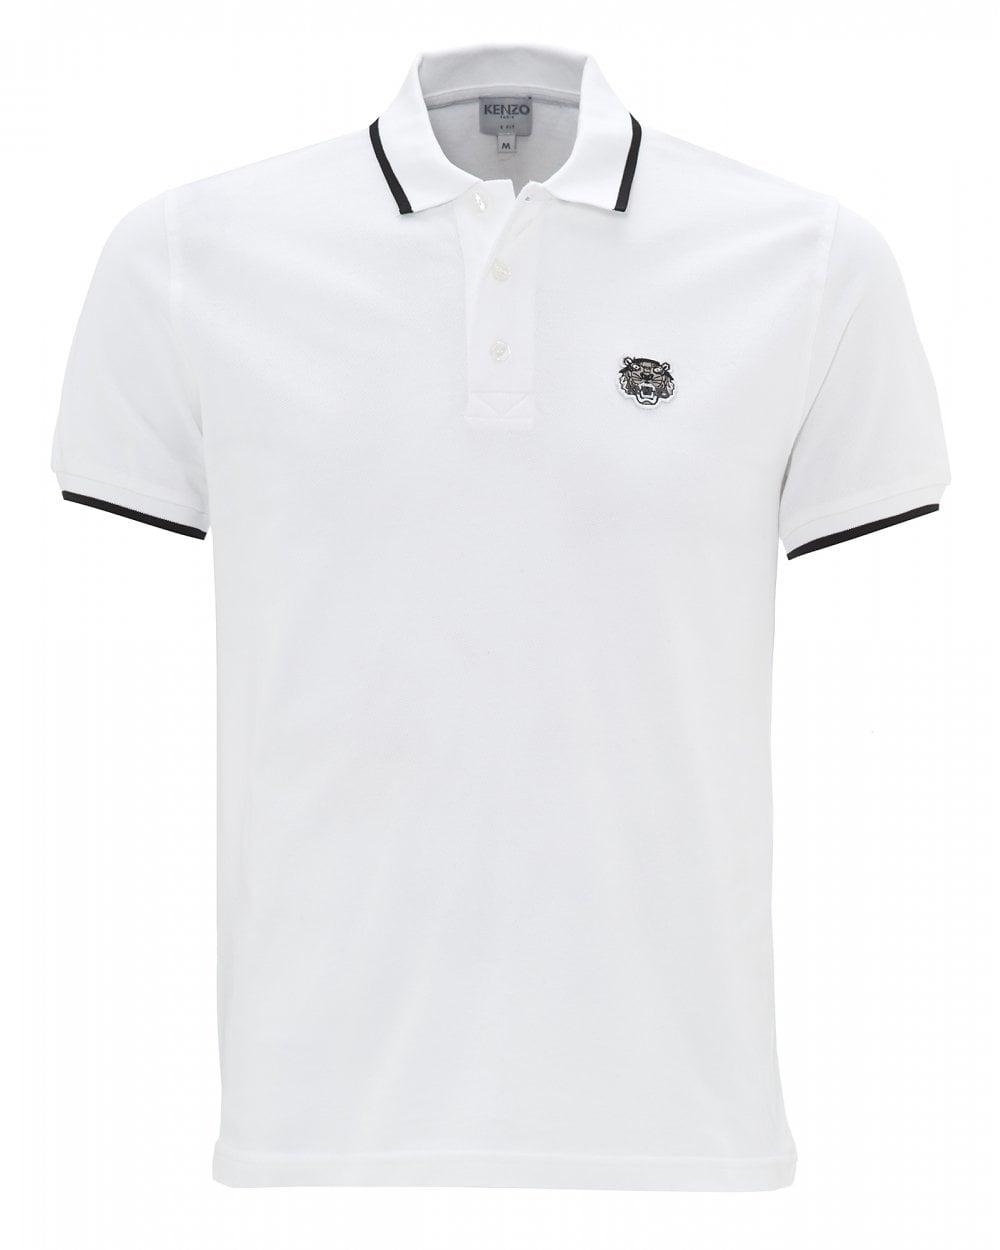 b0fa94455b Kenzo Mens Tiger Crest White Polo Shirt